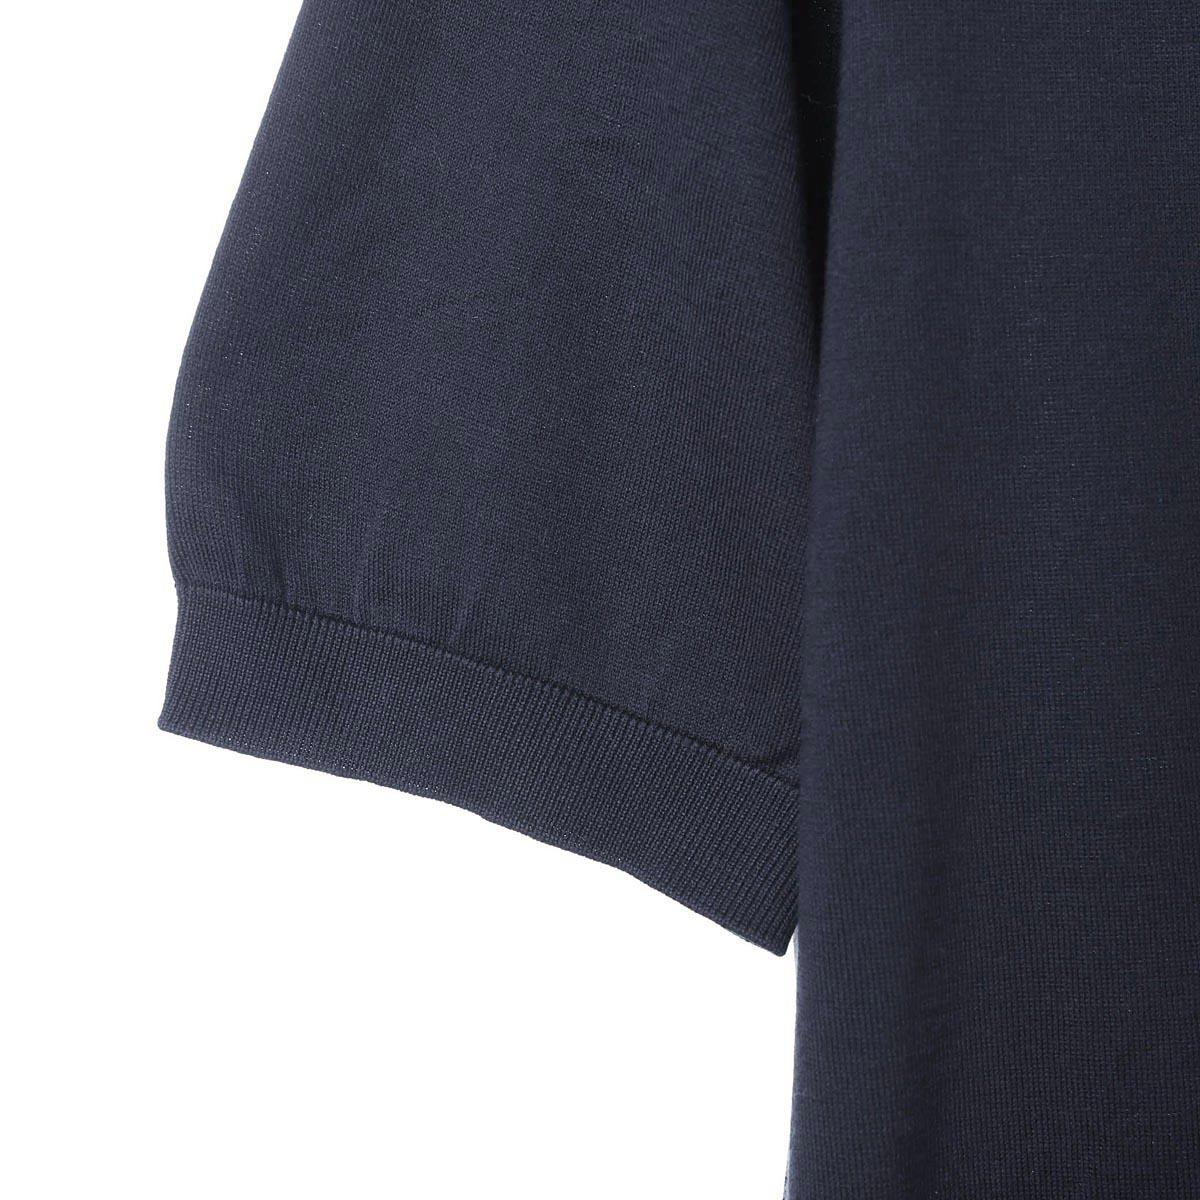 【アウトレット】JOHN SMEDLEY ジョンスメドレー ニットポロシャツ/ADRIAN エイドリアン 30ゲージ メンズ